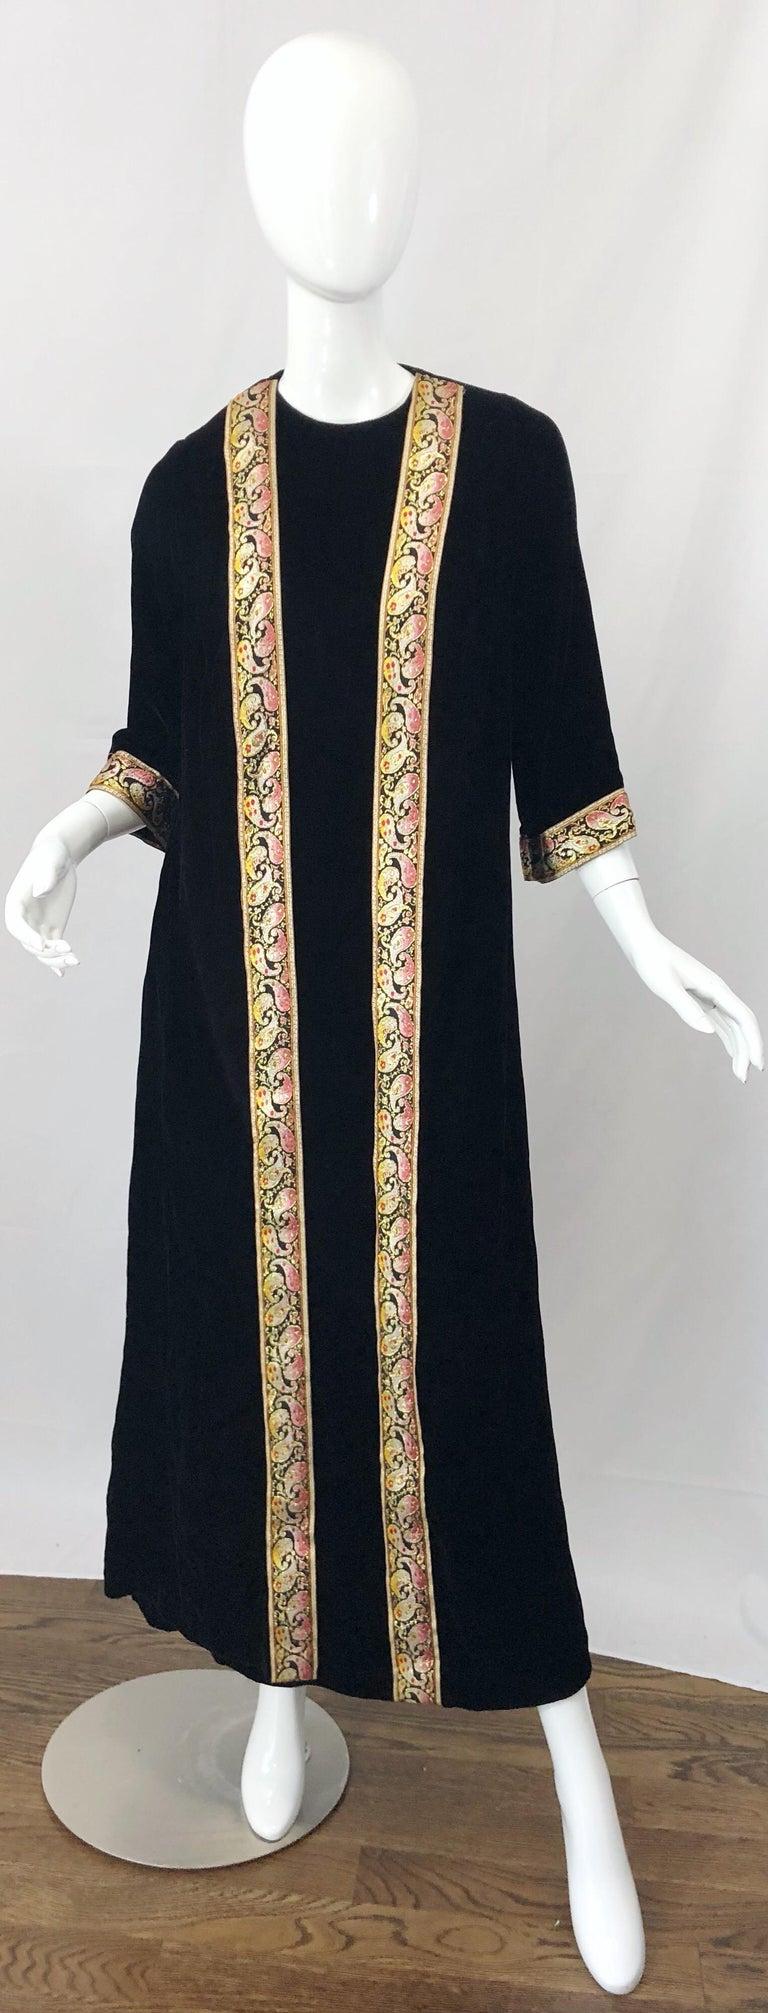 1960s Bonwit Teller Black Velvet Paisley Vintage 60s Moroccan Caftan Maxi Dress For Sale 7